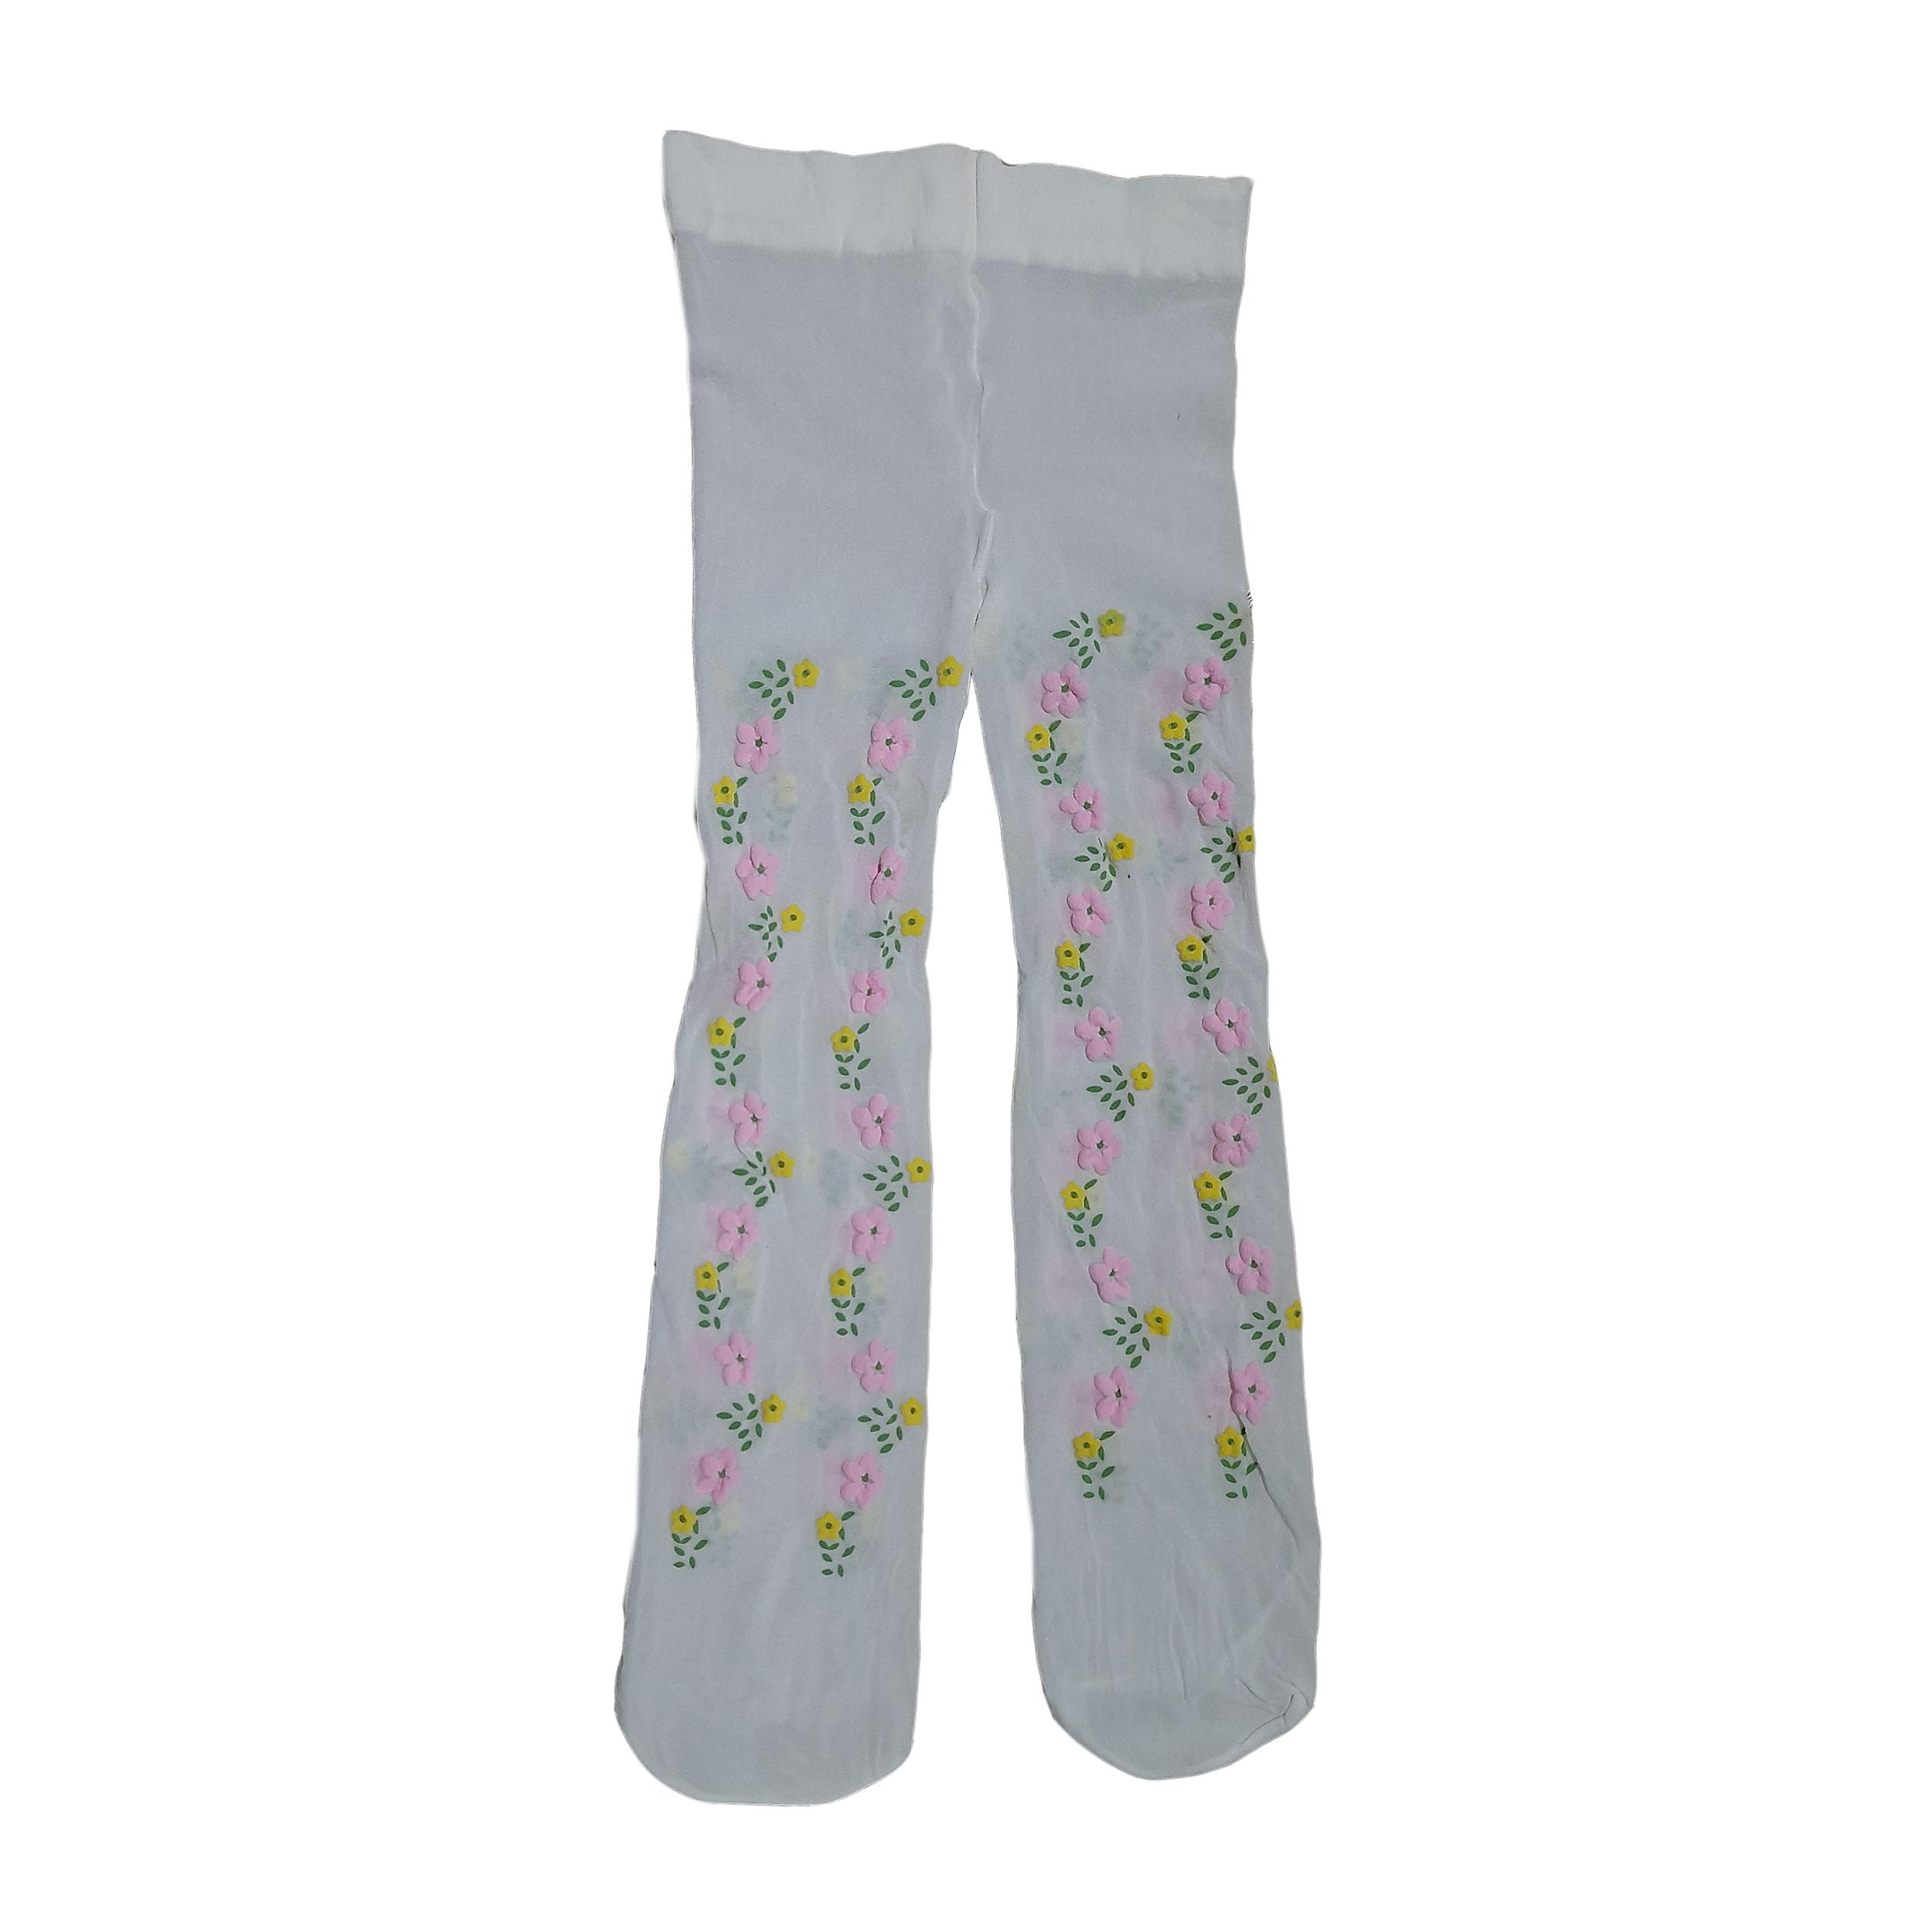 جوراب شلواری دخترانه دی مد مدل mod_17